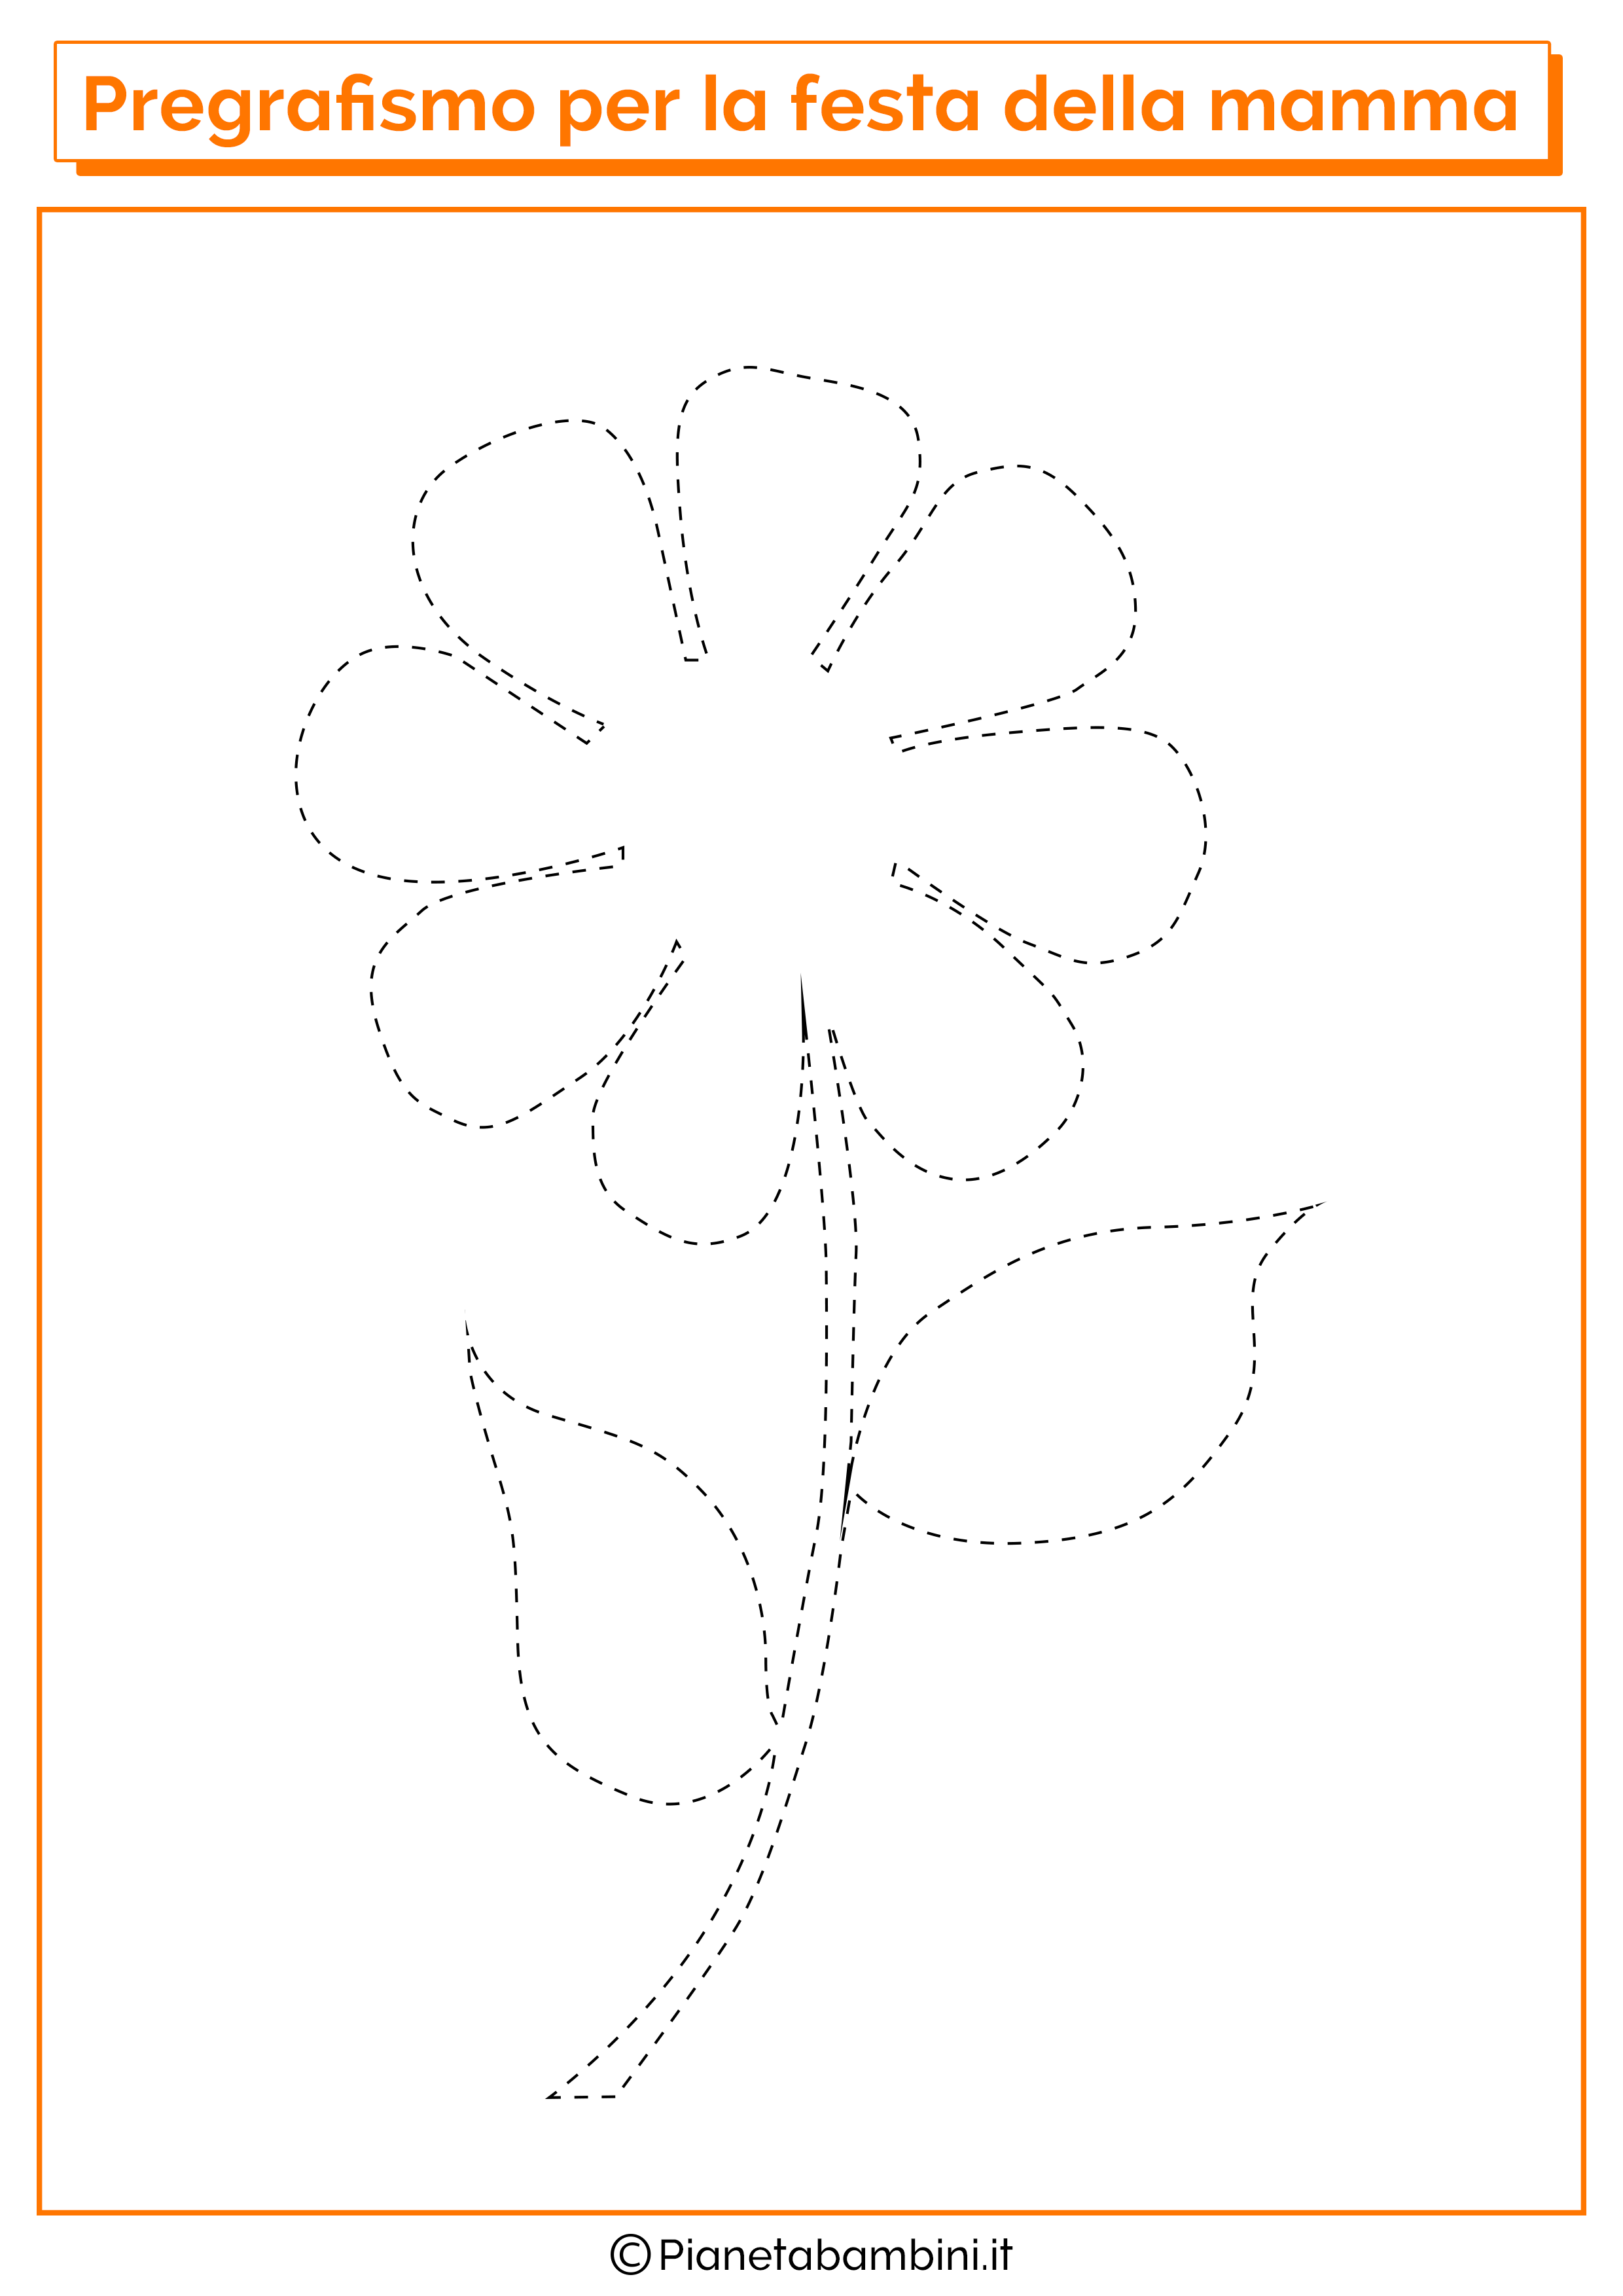 Pregrafismo-Festa-Della-Mamma-03